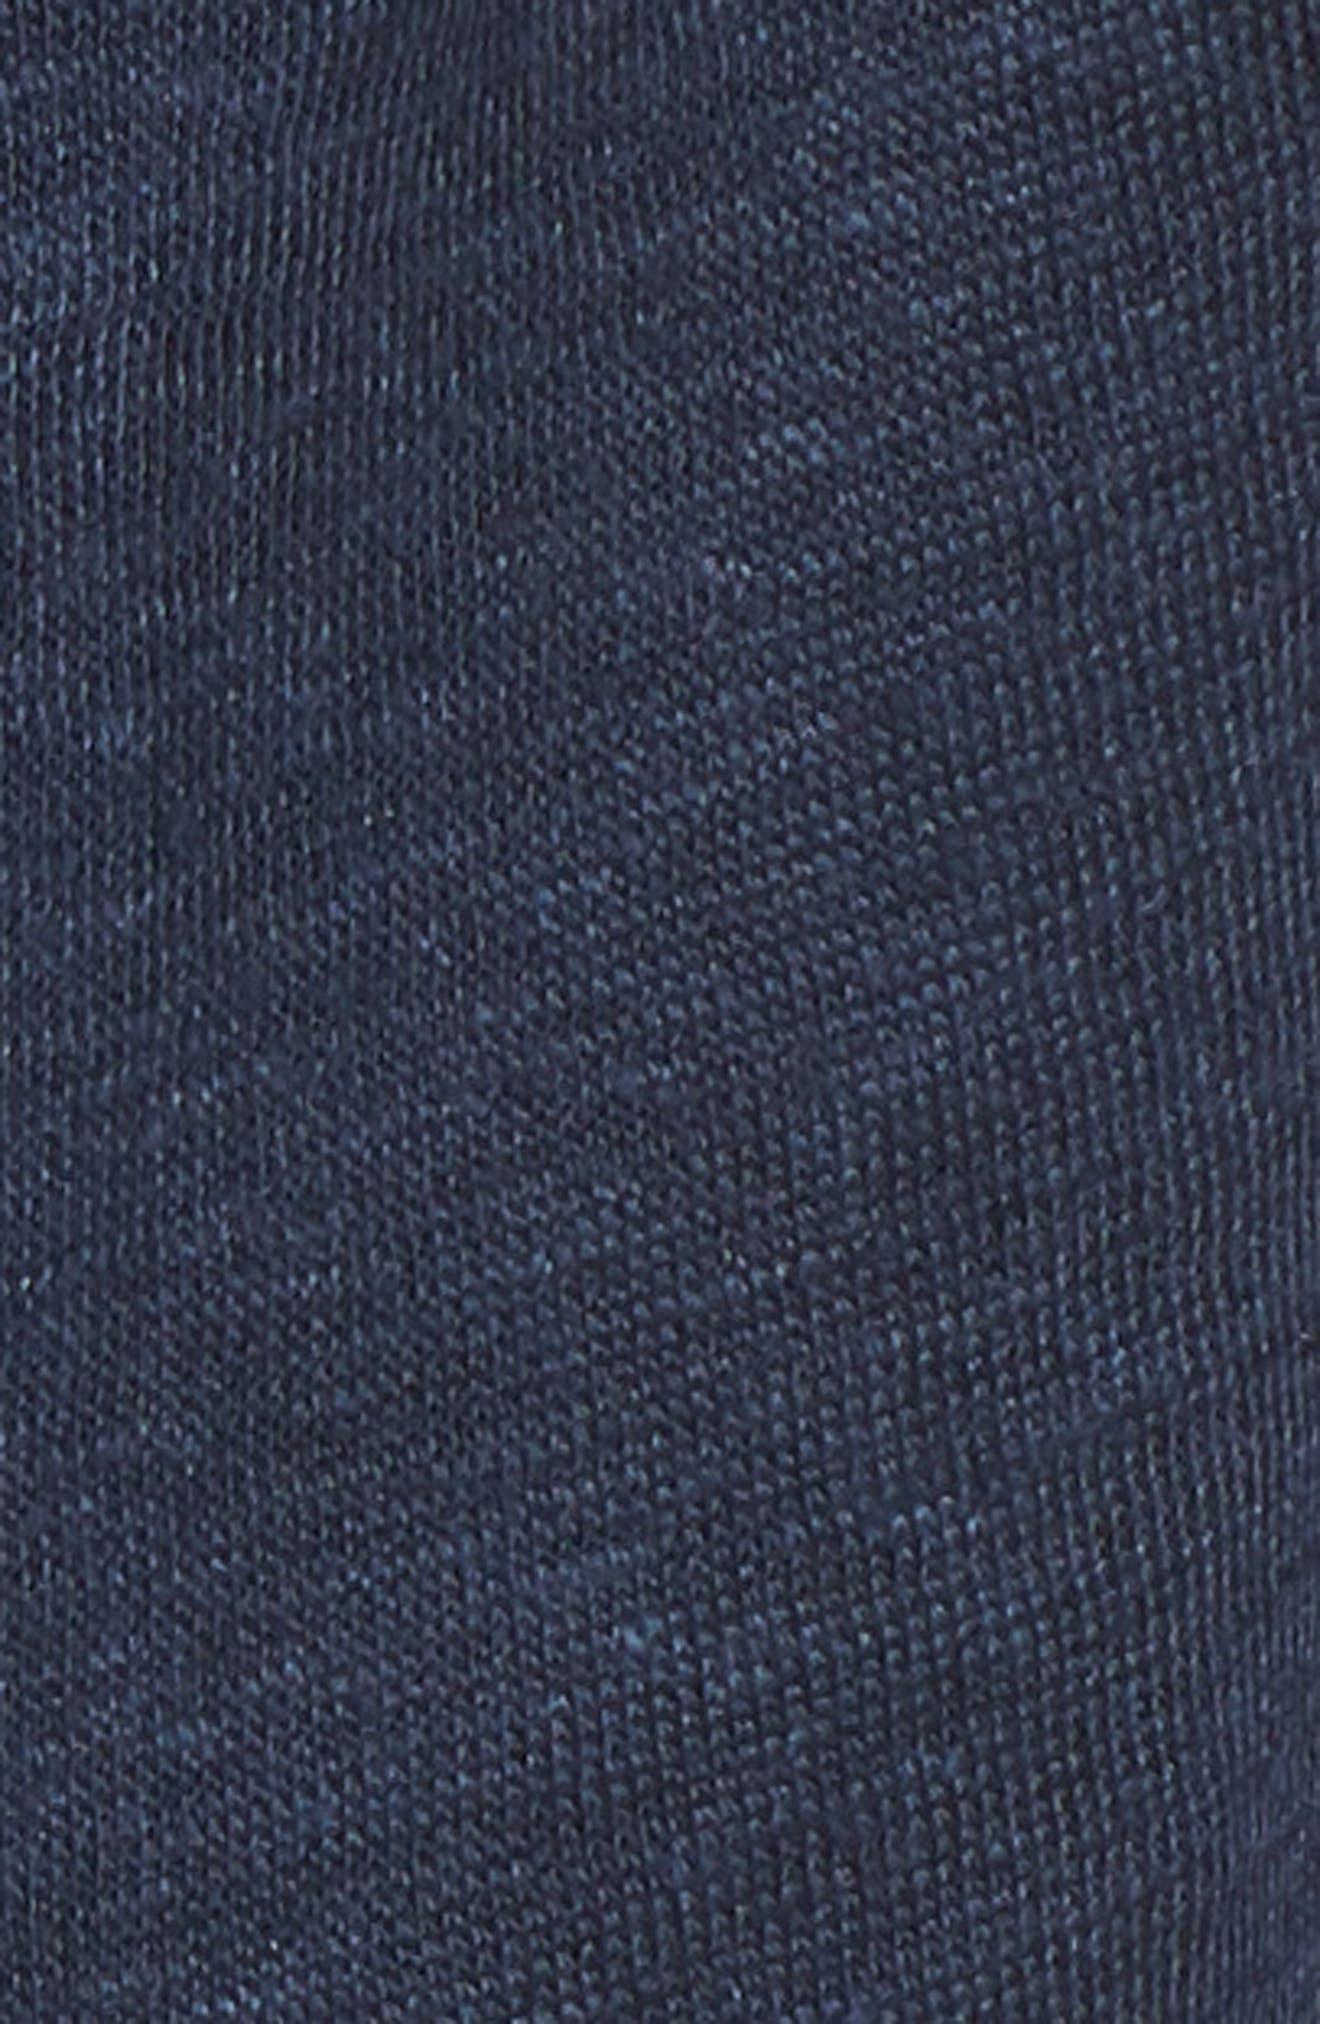 Ruffle Trim Lace Up Linen Top,                             Alternate thumbnail 5, color,                             411